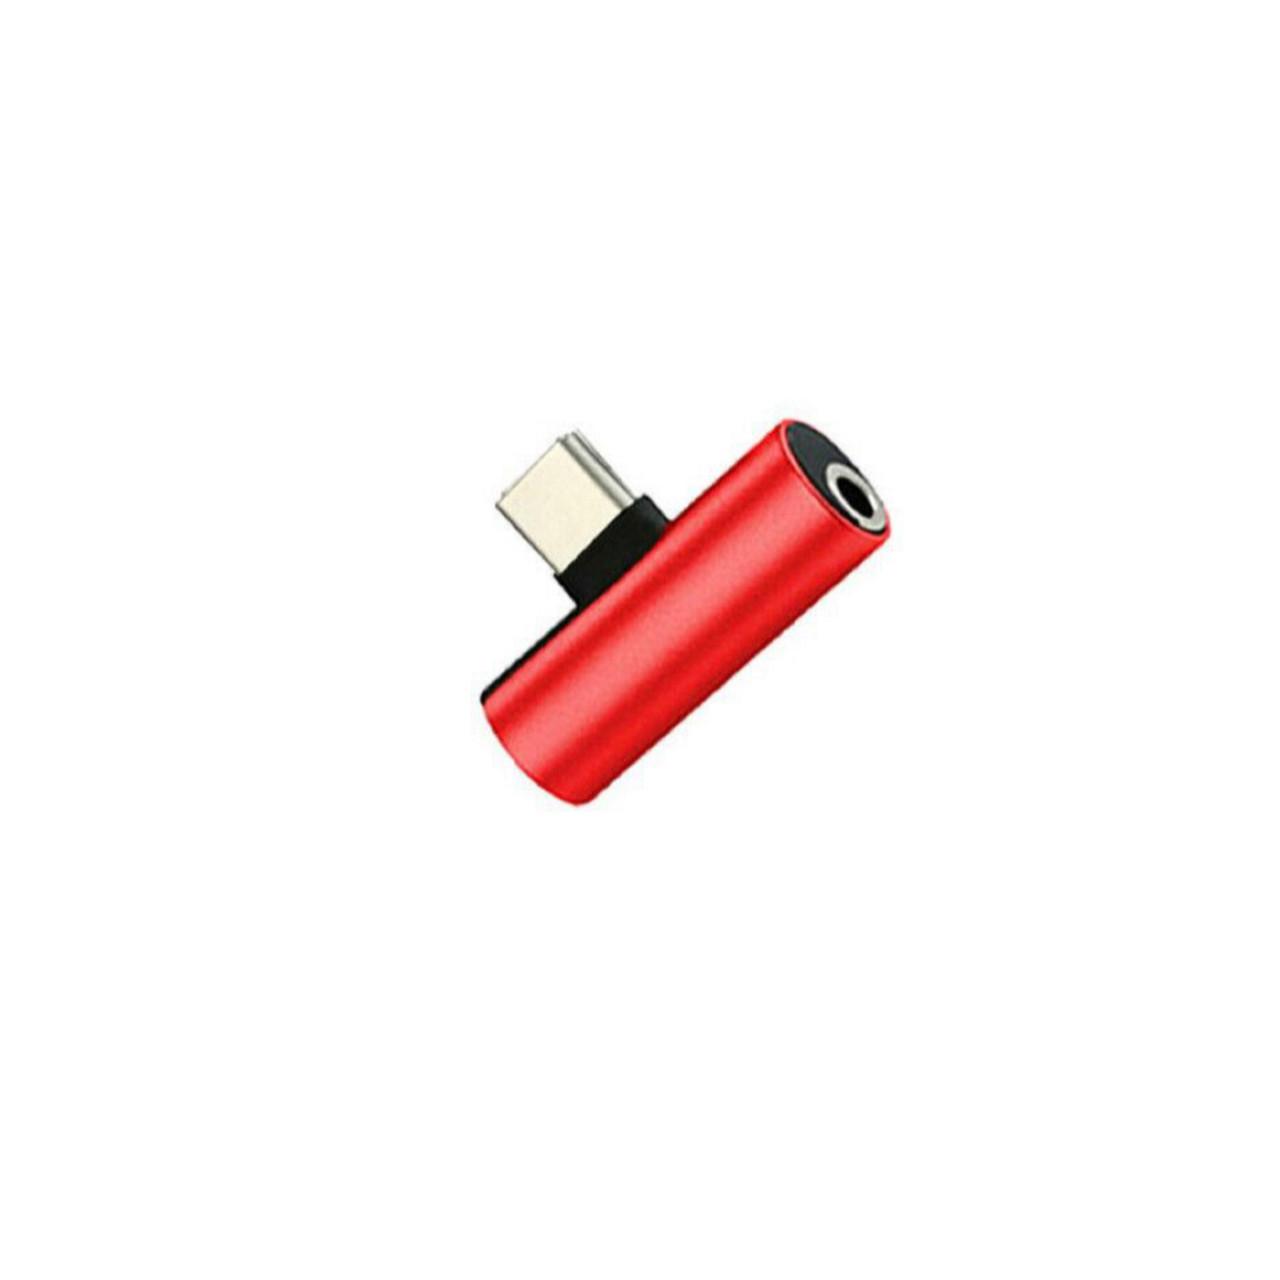 Переходник 2 в 1 USB-C Type C в 3.5mm Jack AUX Audio адаптер для зарядки и прослушивания музыки (красный)